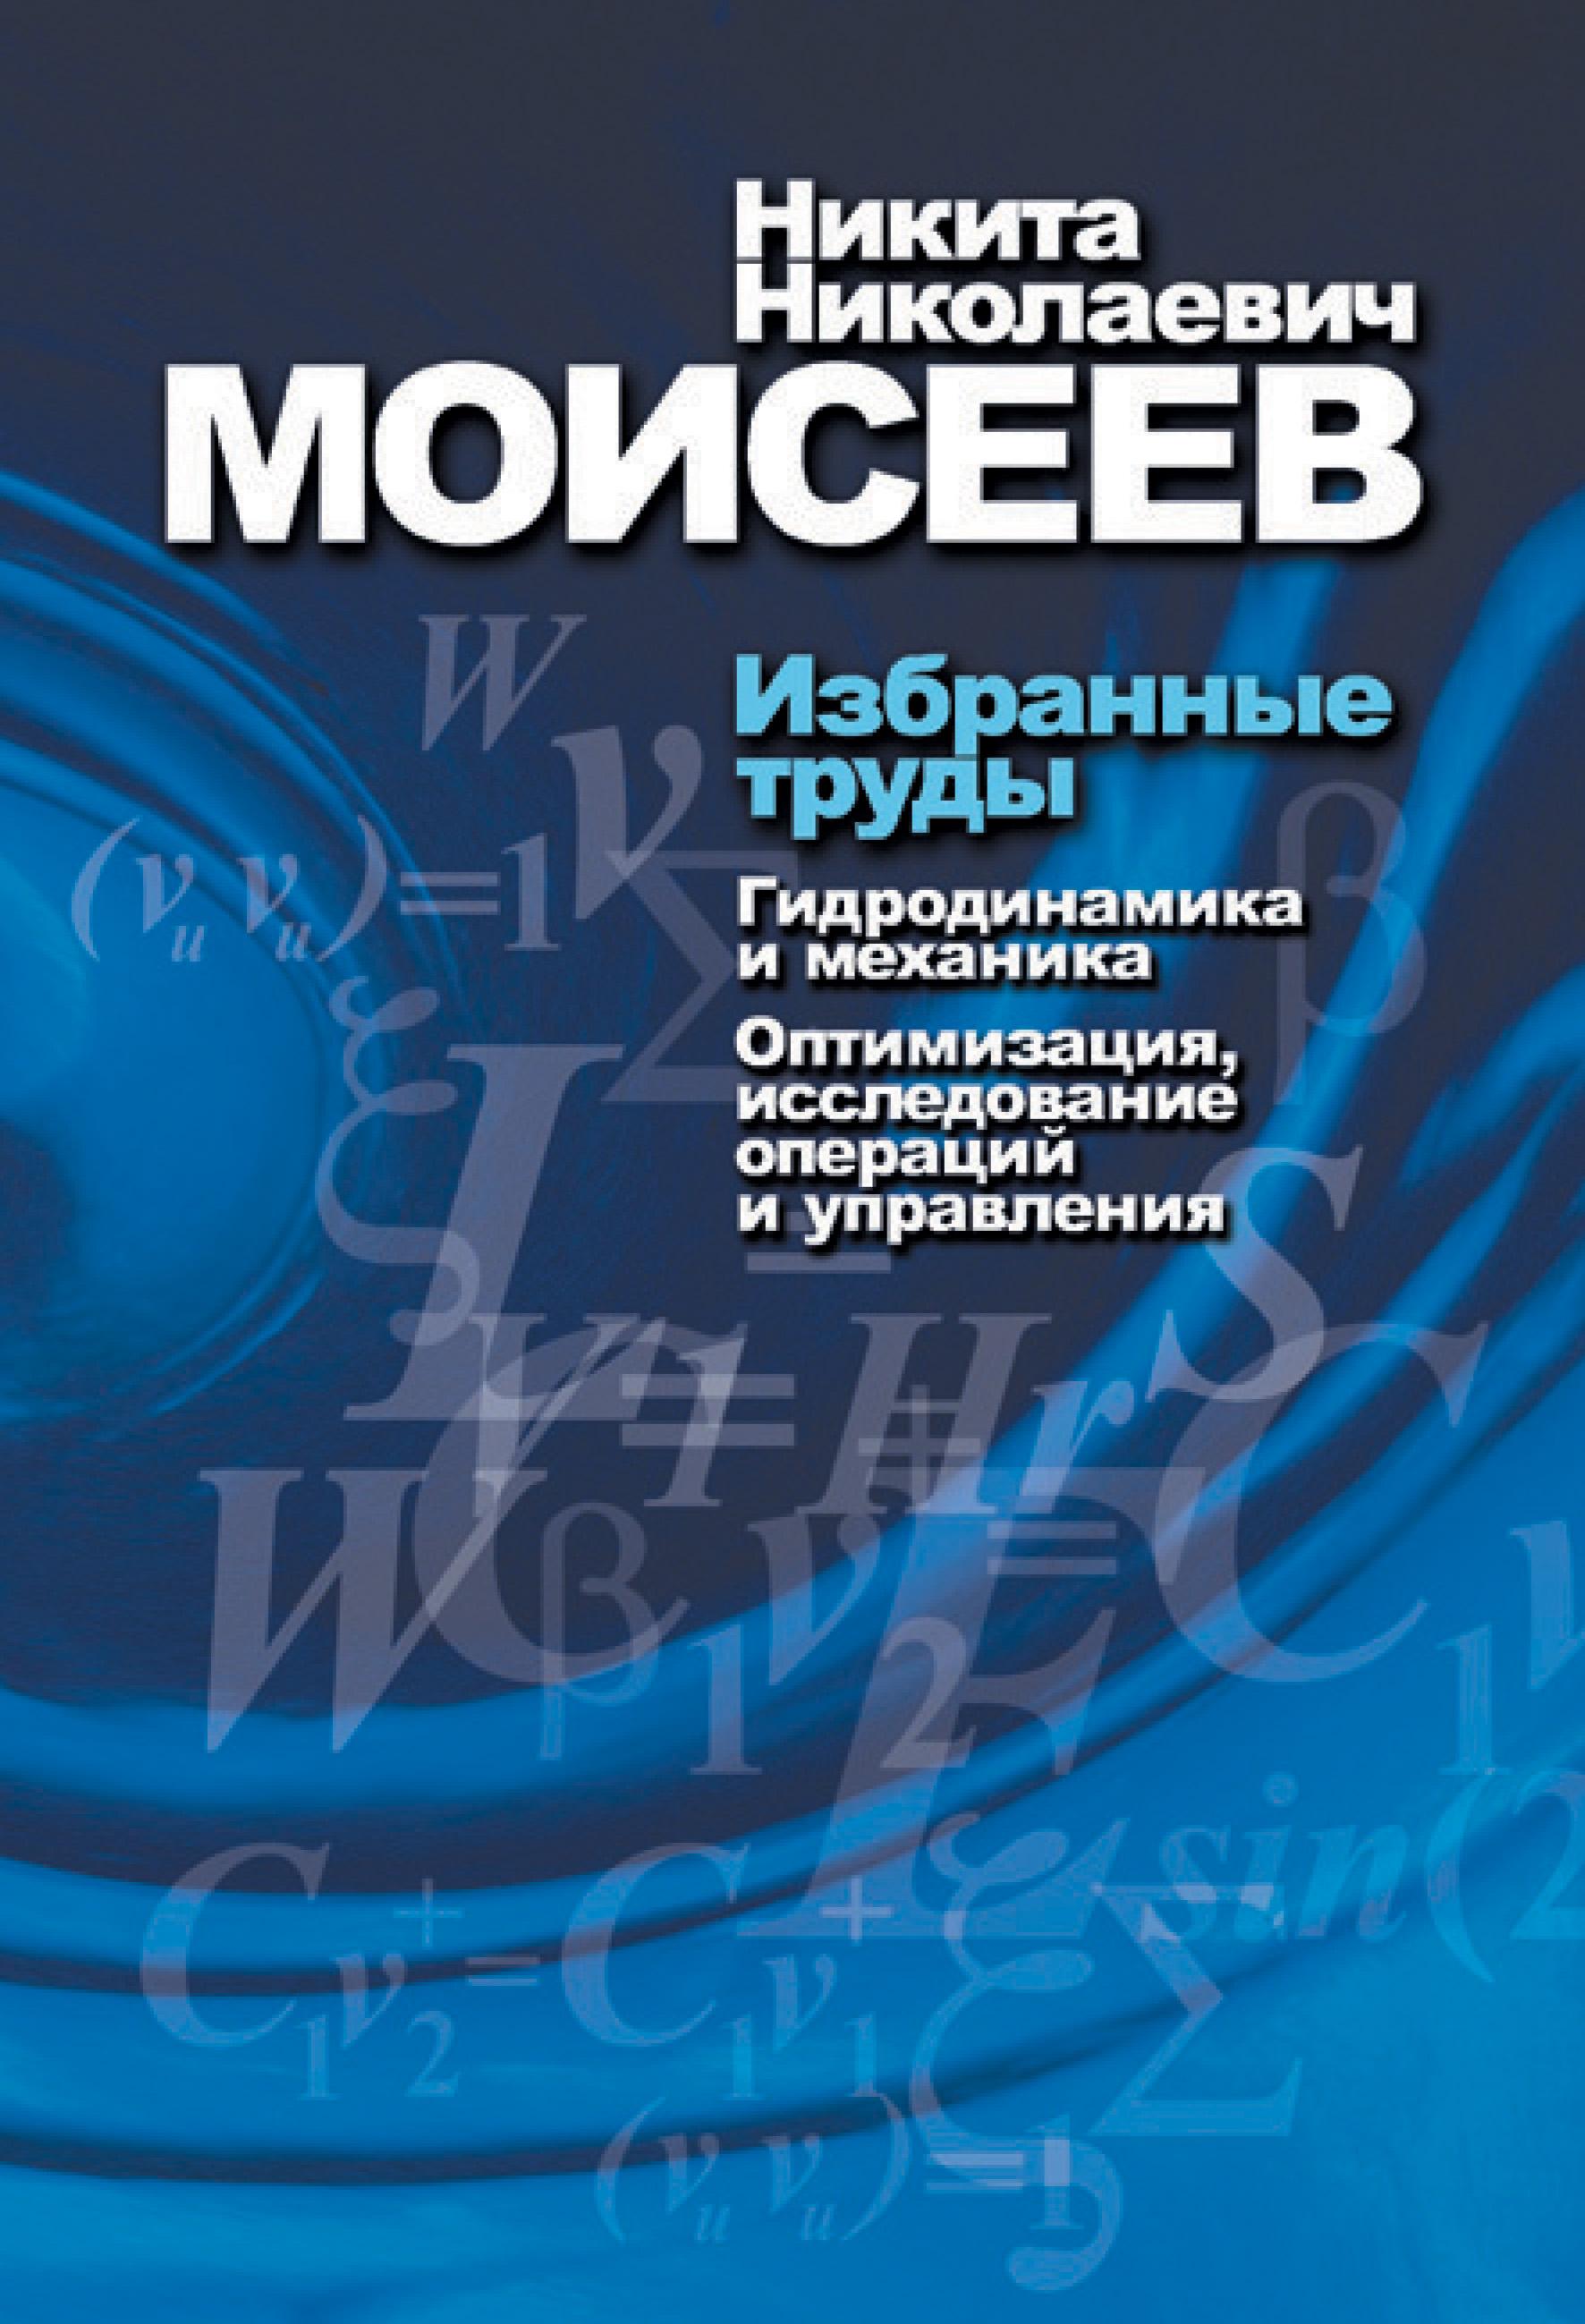 цена на Н. Н. Моисеев Избранные труды. Том 1. Гидродинамика и механика. Оптимизация, исследование операций и теория управления